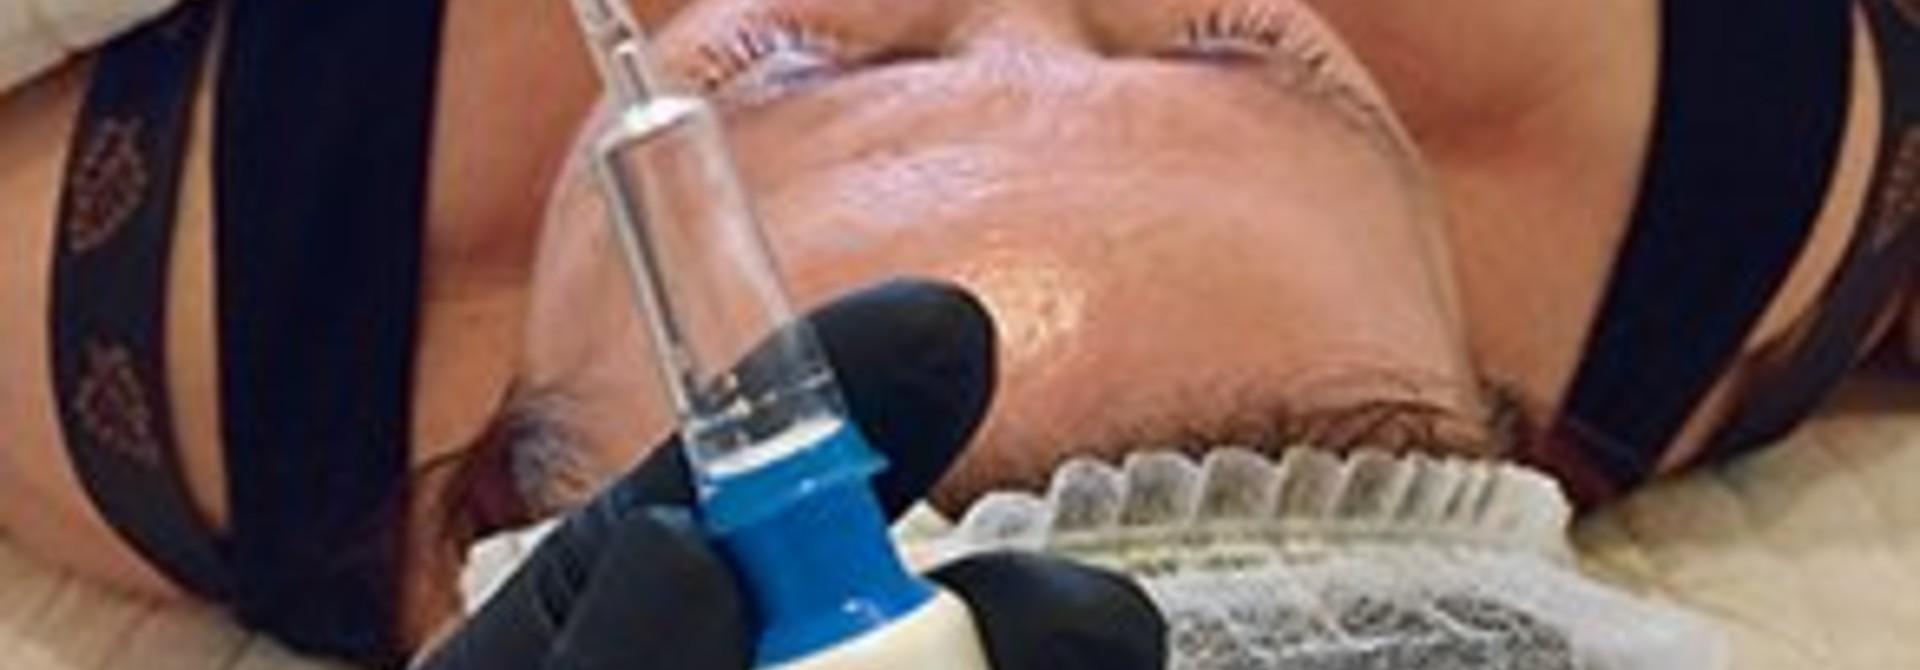 NIEUW @ SOULSOUP Skin Resurfacing Treatment